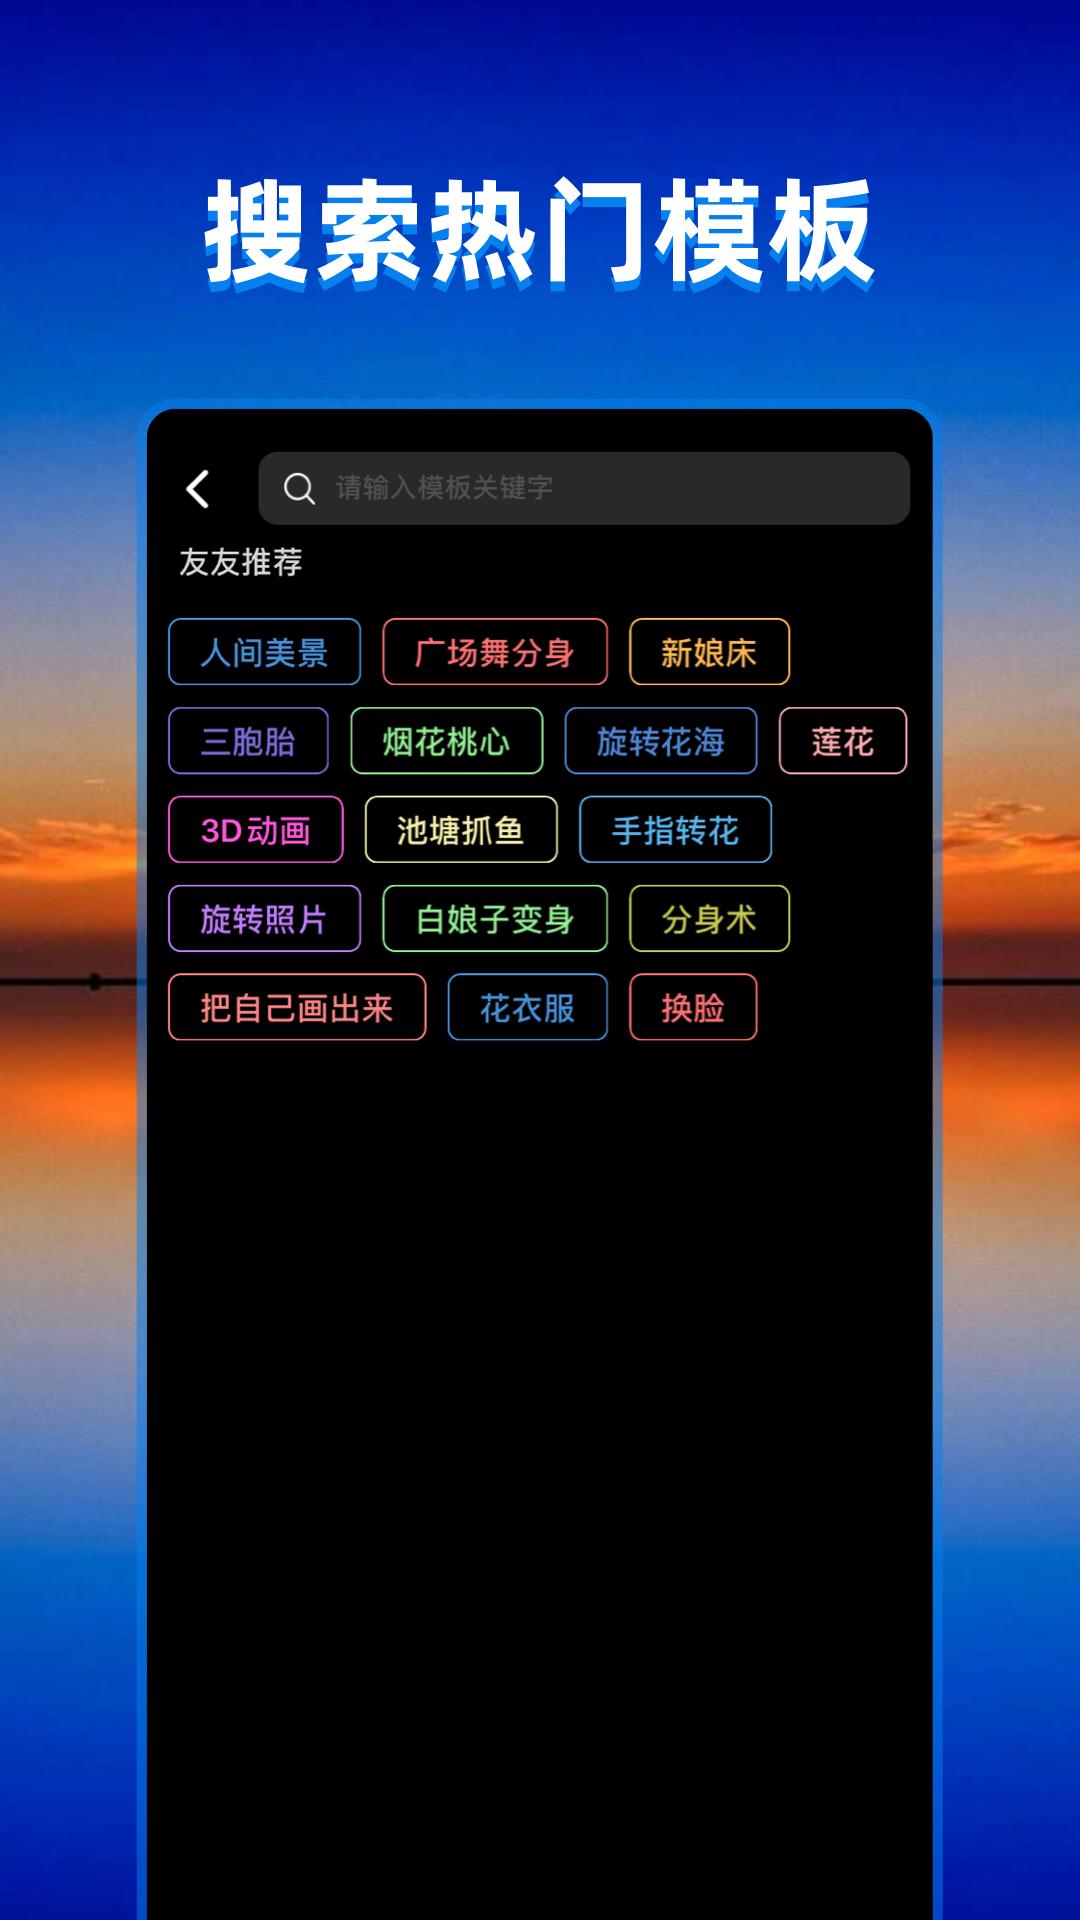 飞闪 V4.6.0 安卓版截图3